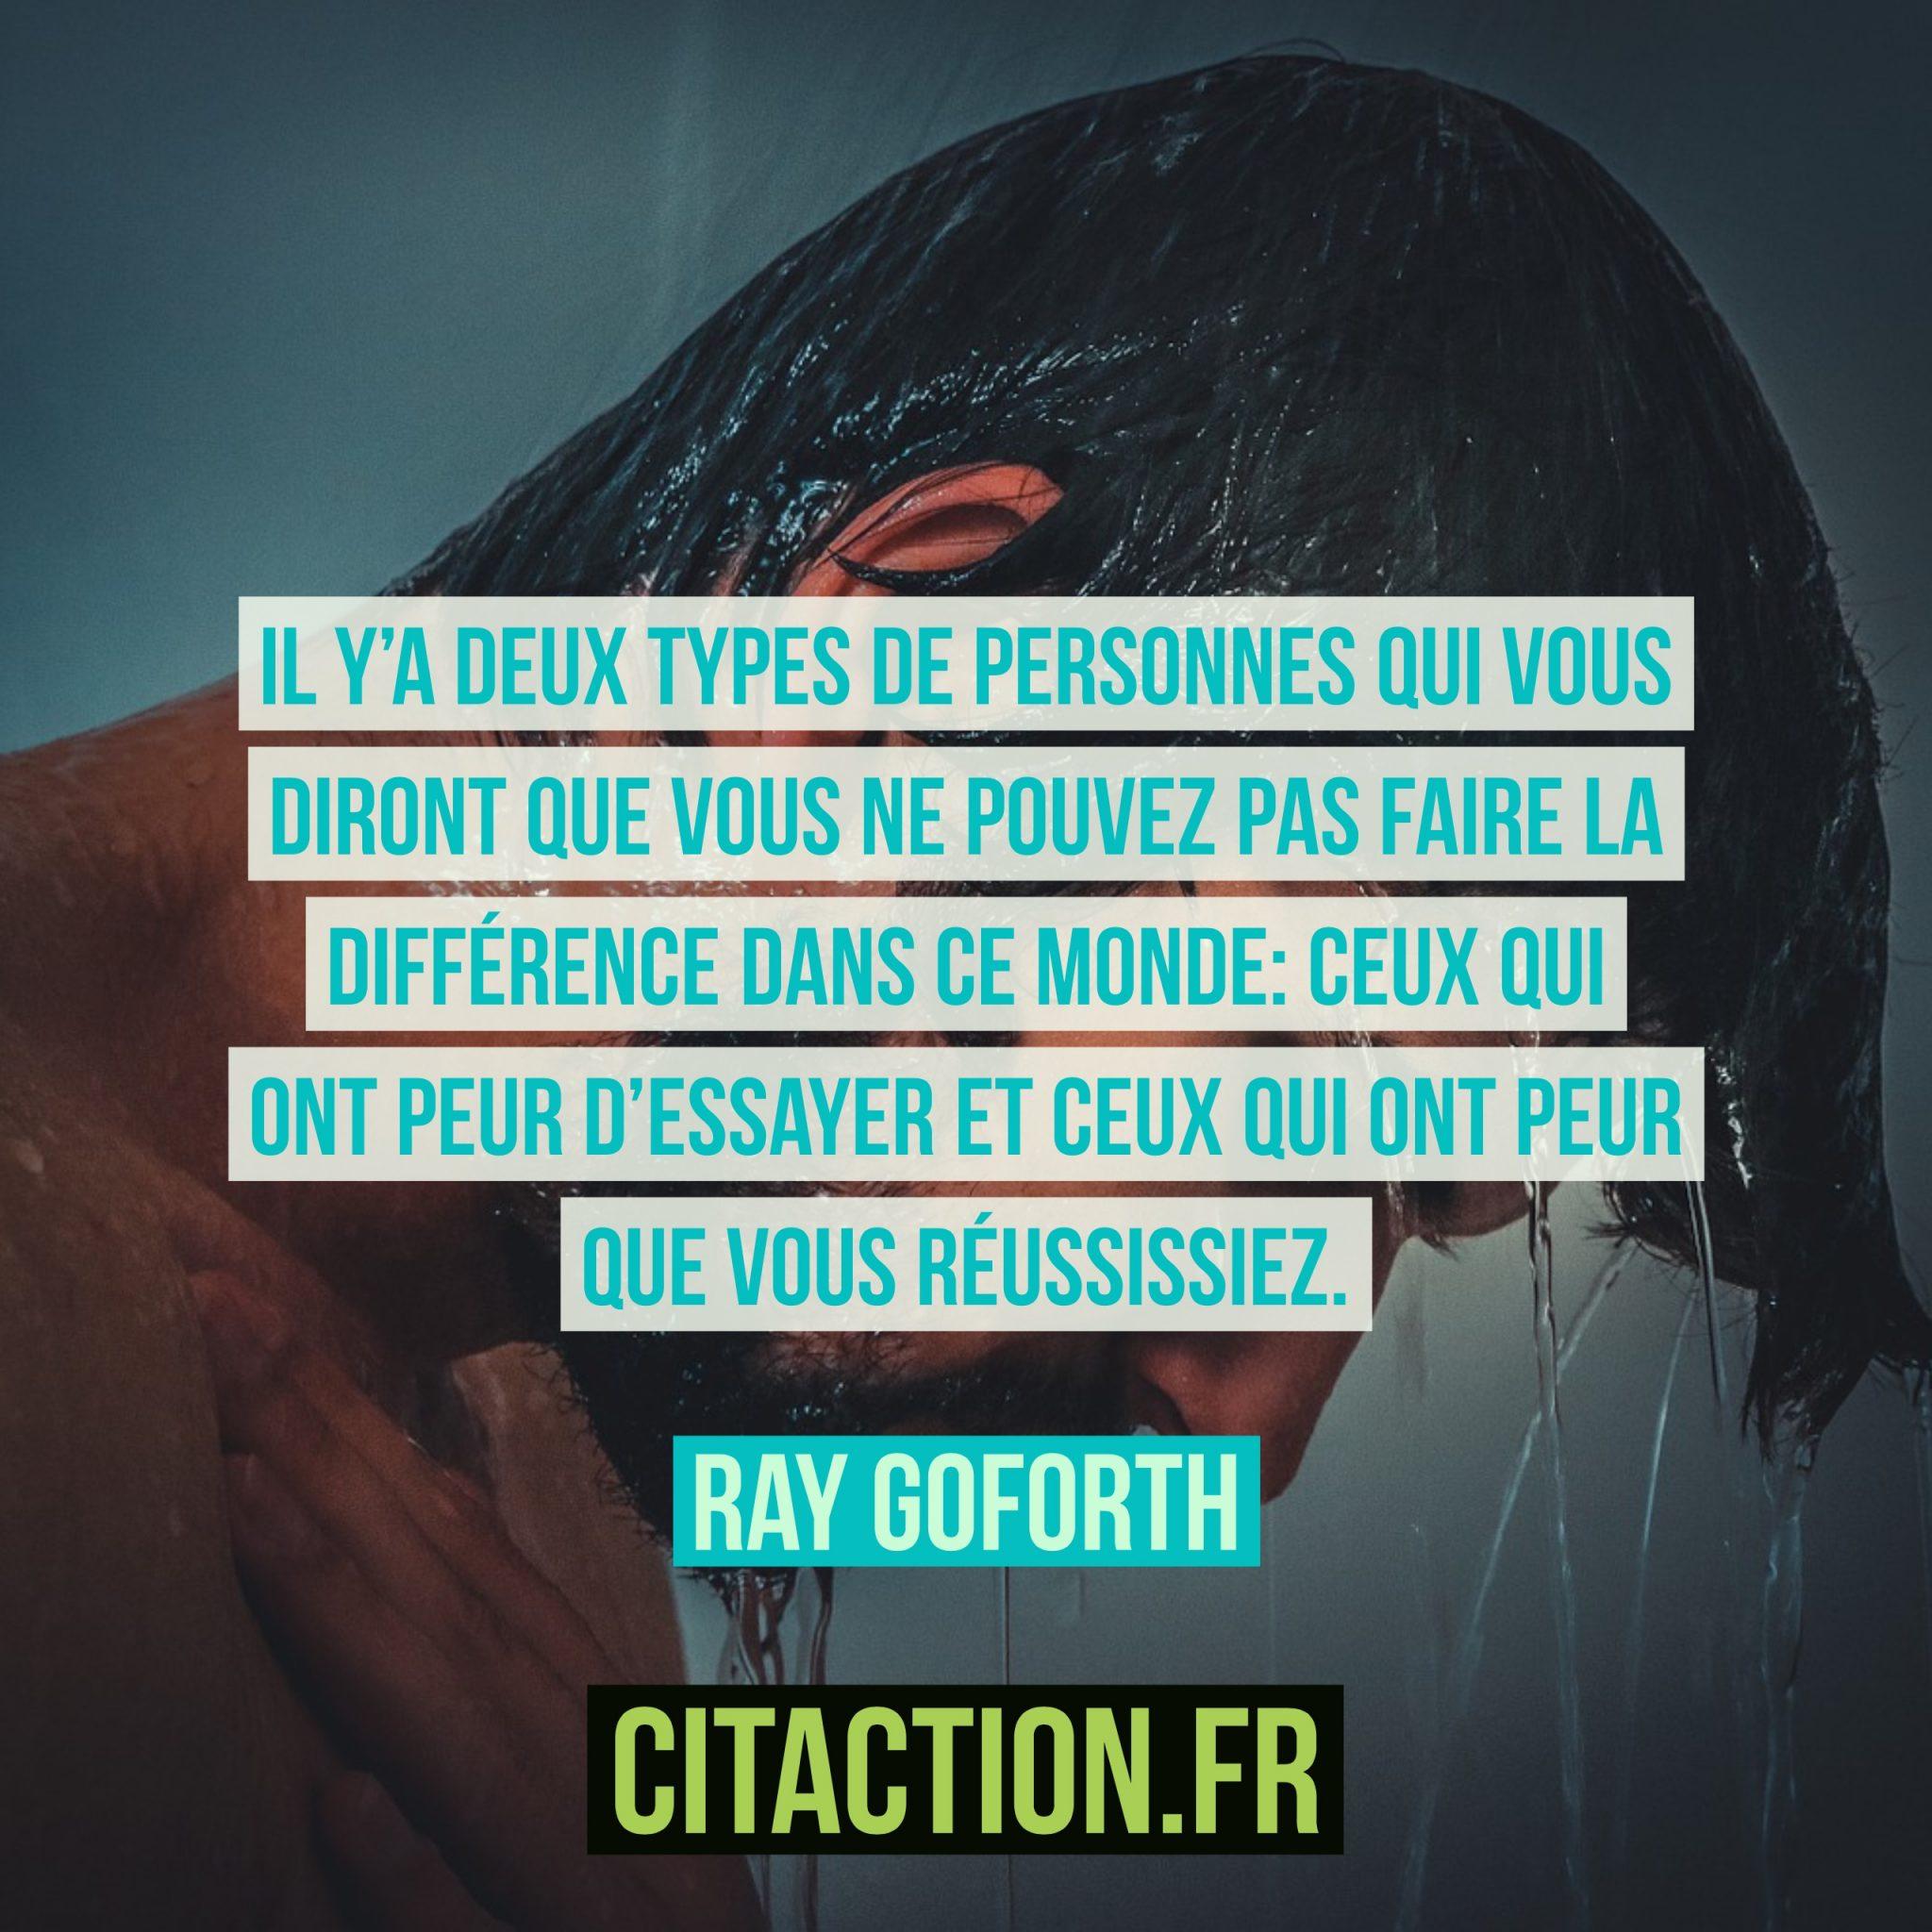 Il y'a deux types de personnes qui vous diront que vous ne pouvez pas faire la différence dans ce monde: ceux qui ont peur d'essayer et ceux qui ont peur que vous réussissiez.